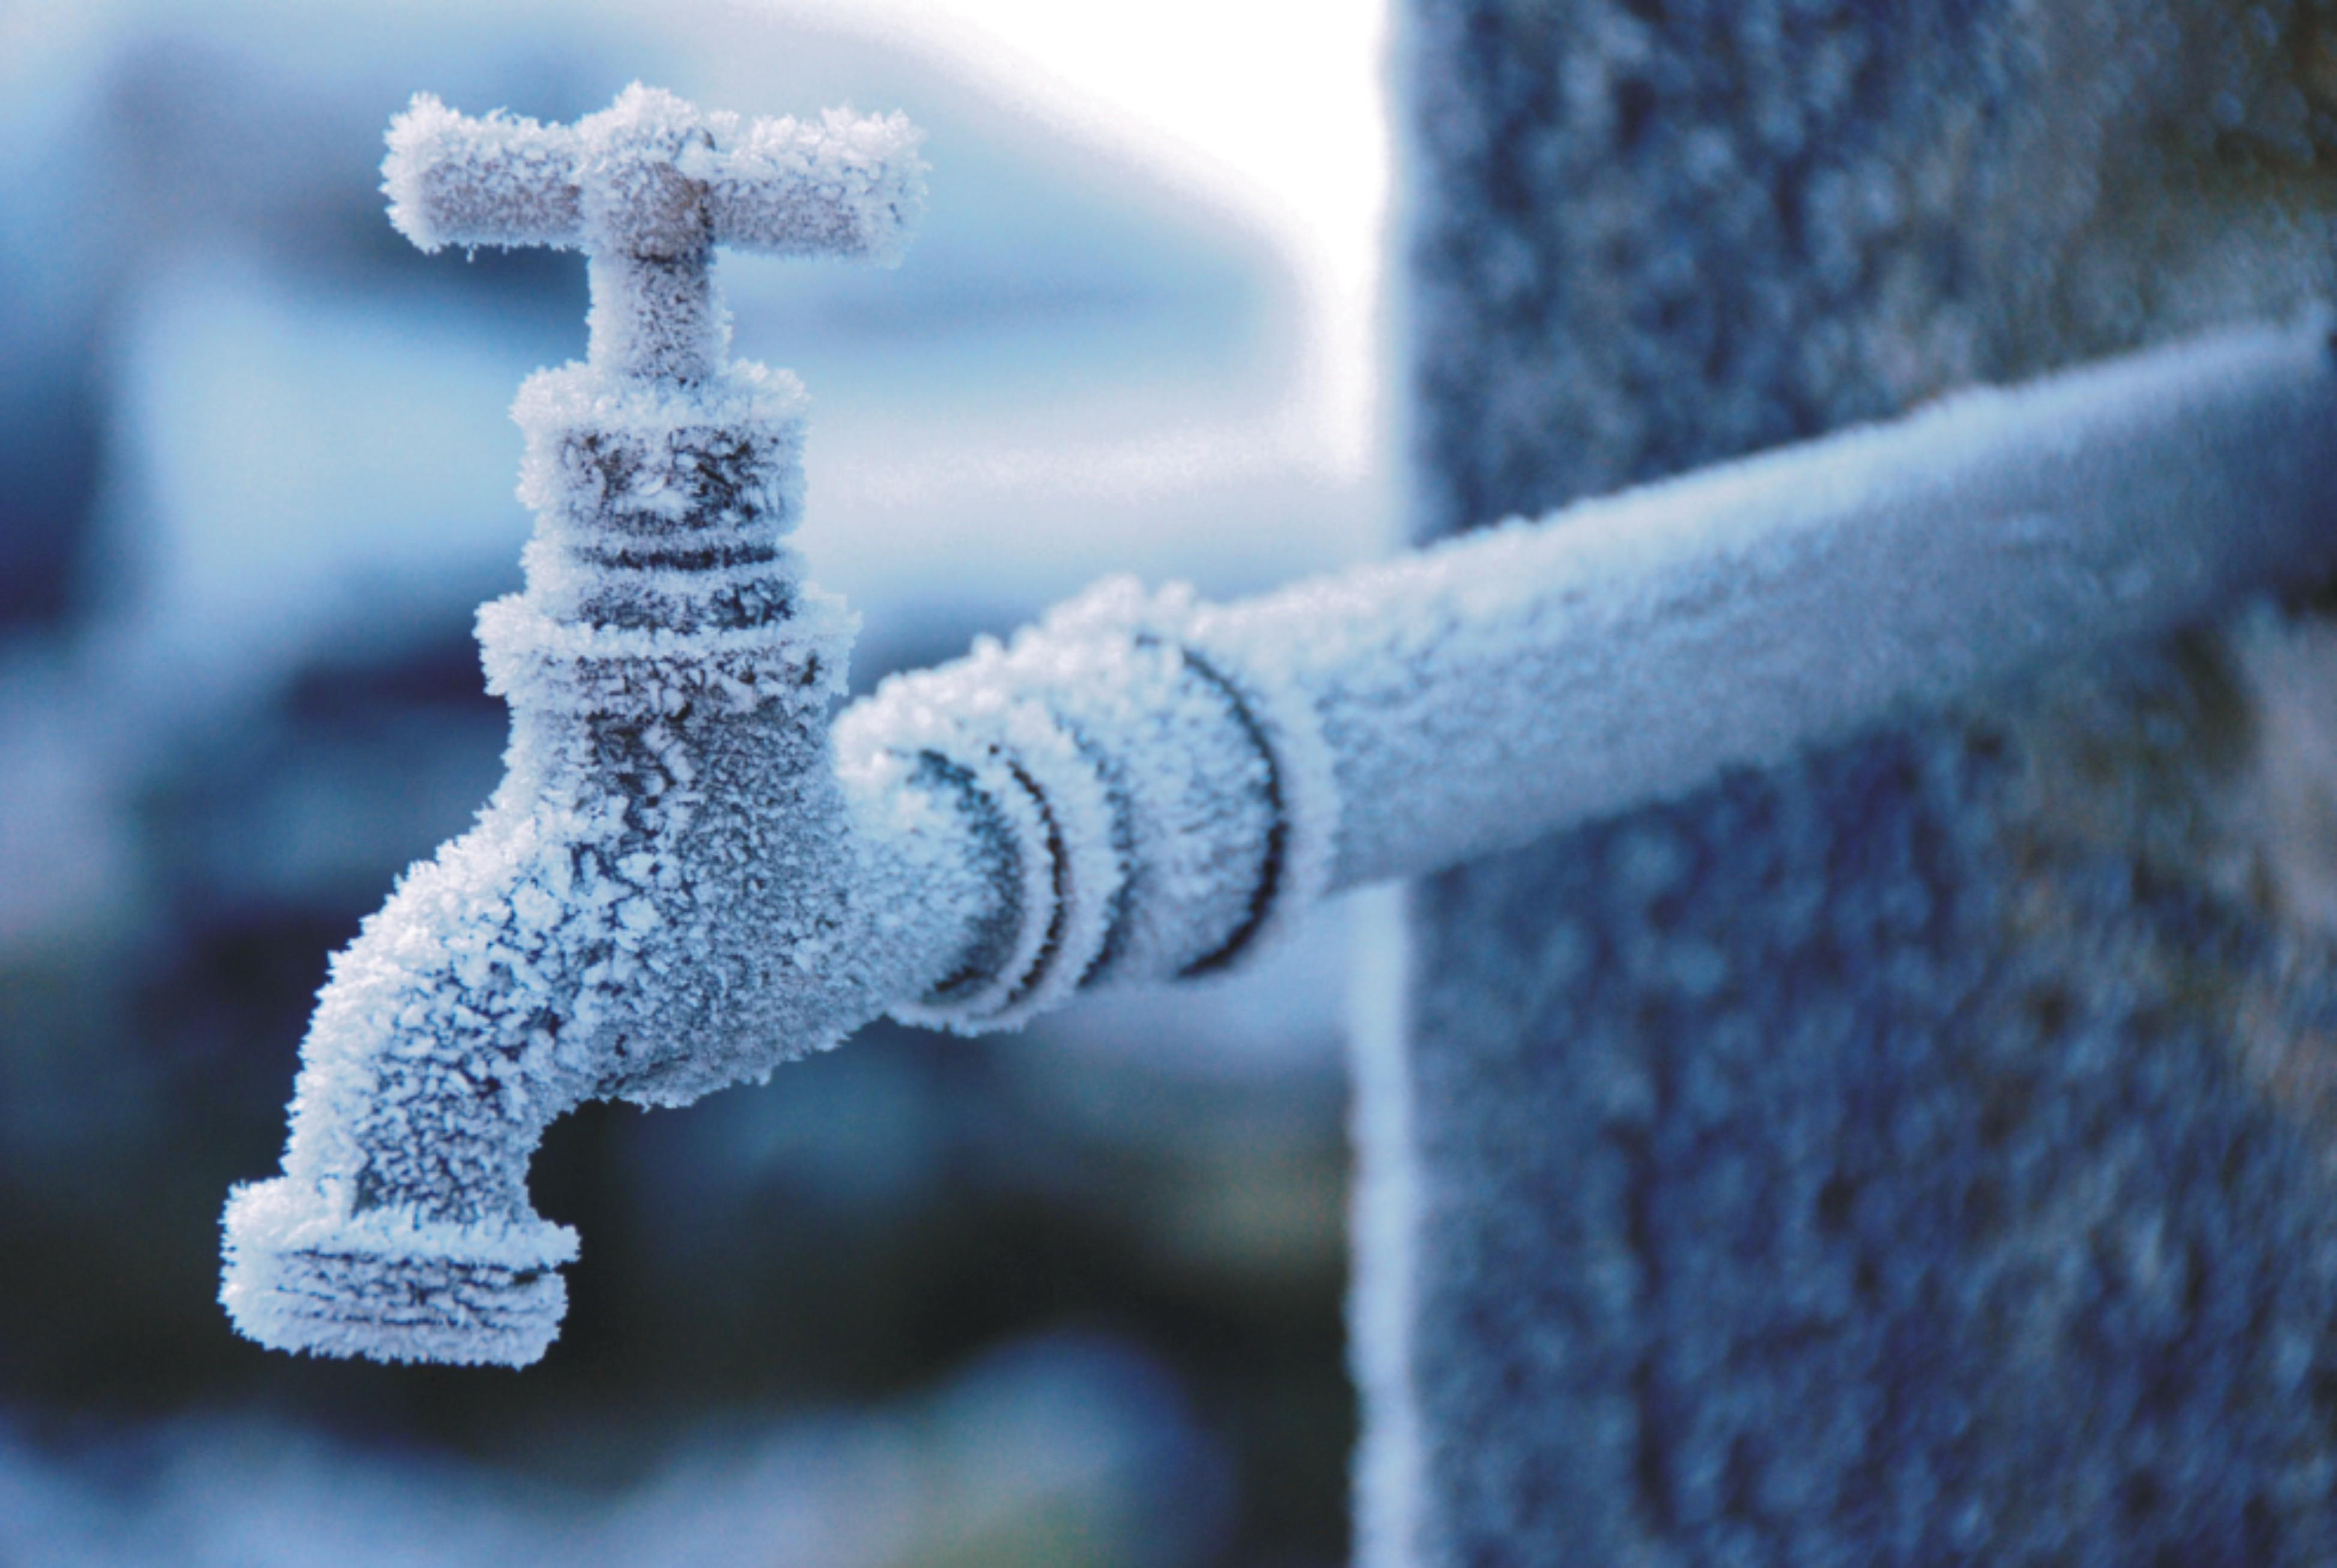 Быстро отогреваем замерзшую канализационную трубу под землей